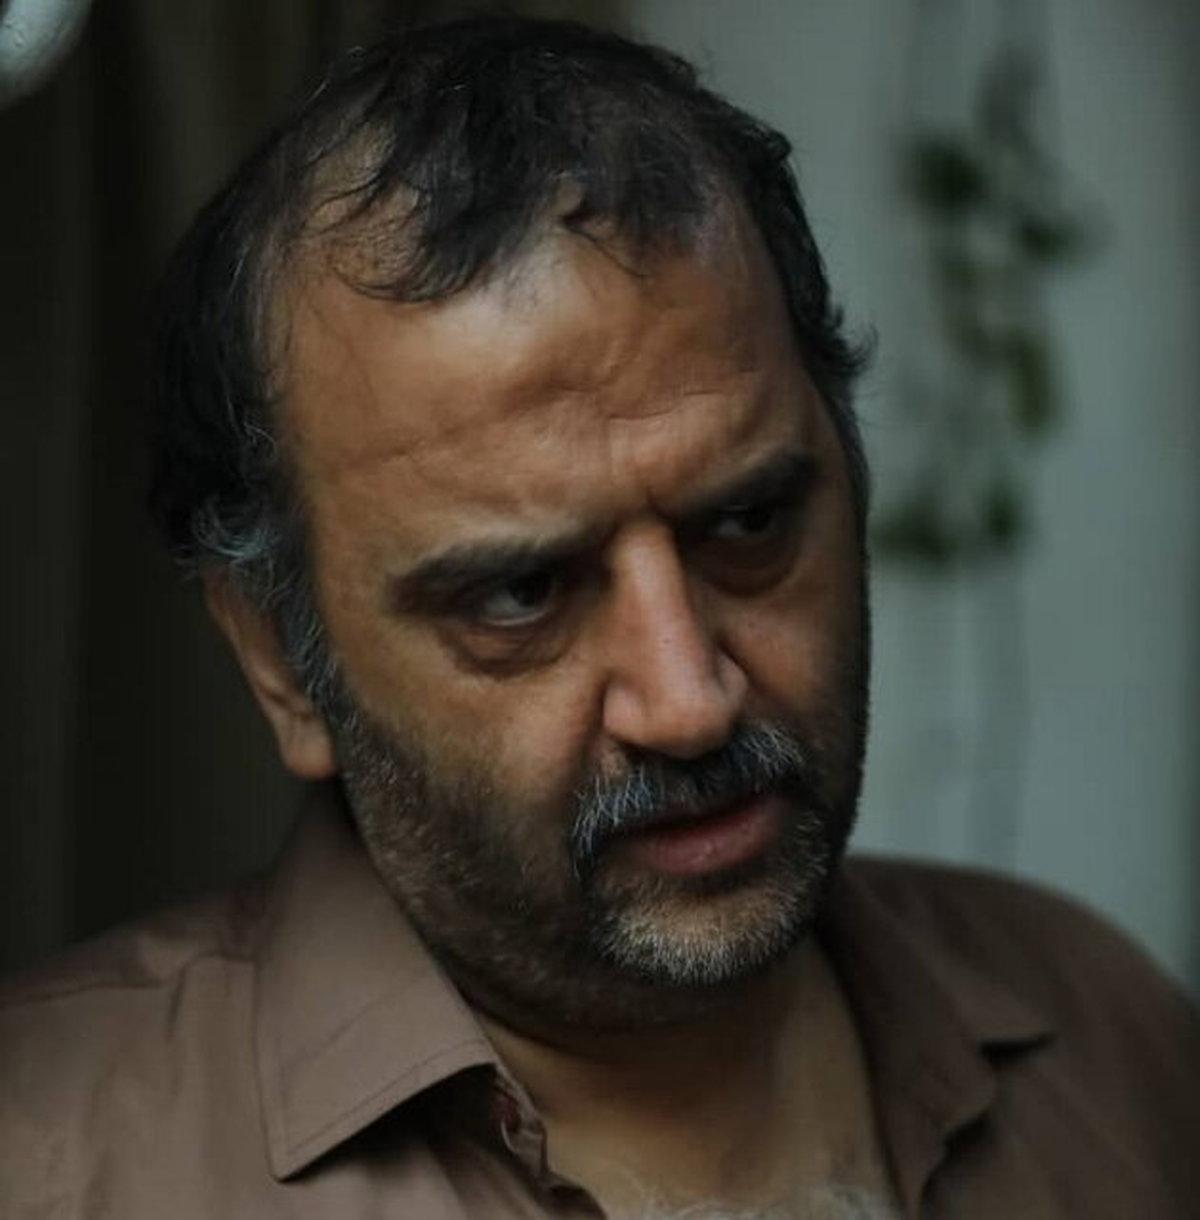 ابتلای علیرضا استادی به کرونا و توقف فیلمبرداری یک پروژه سینمایی